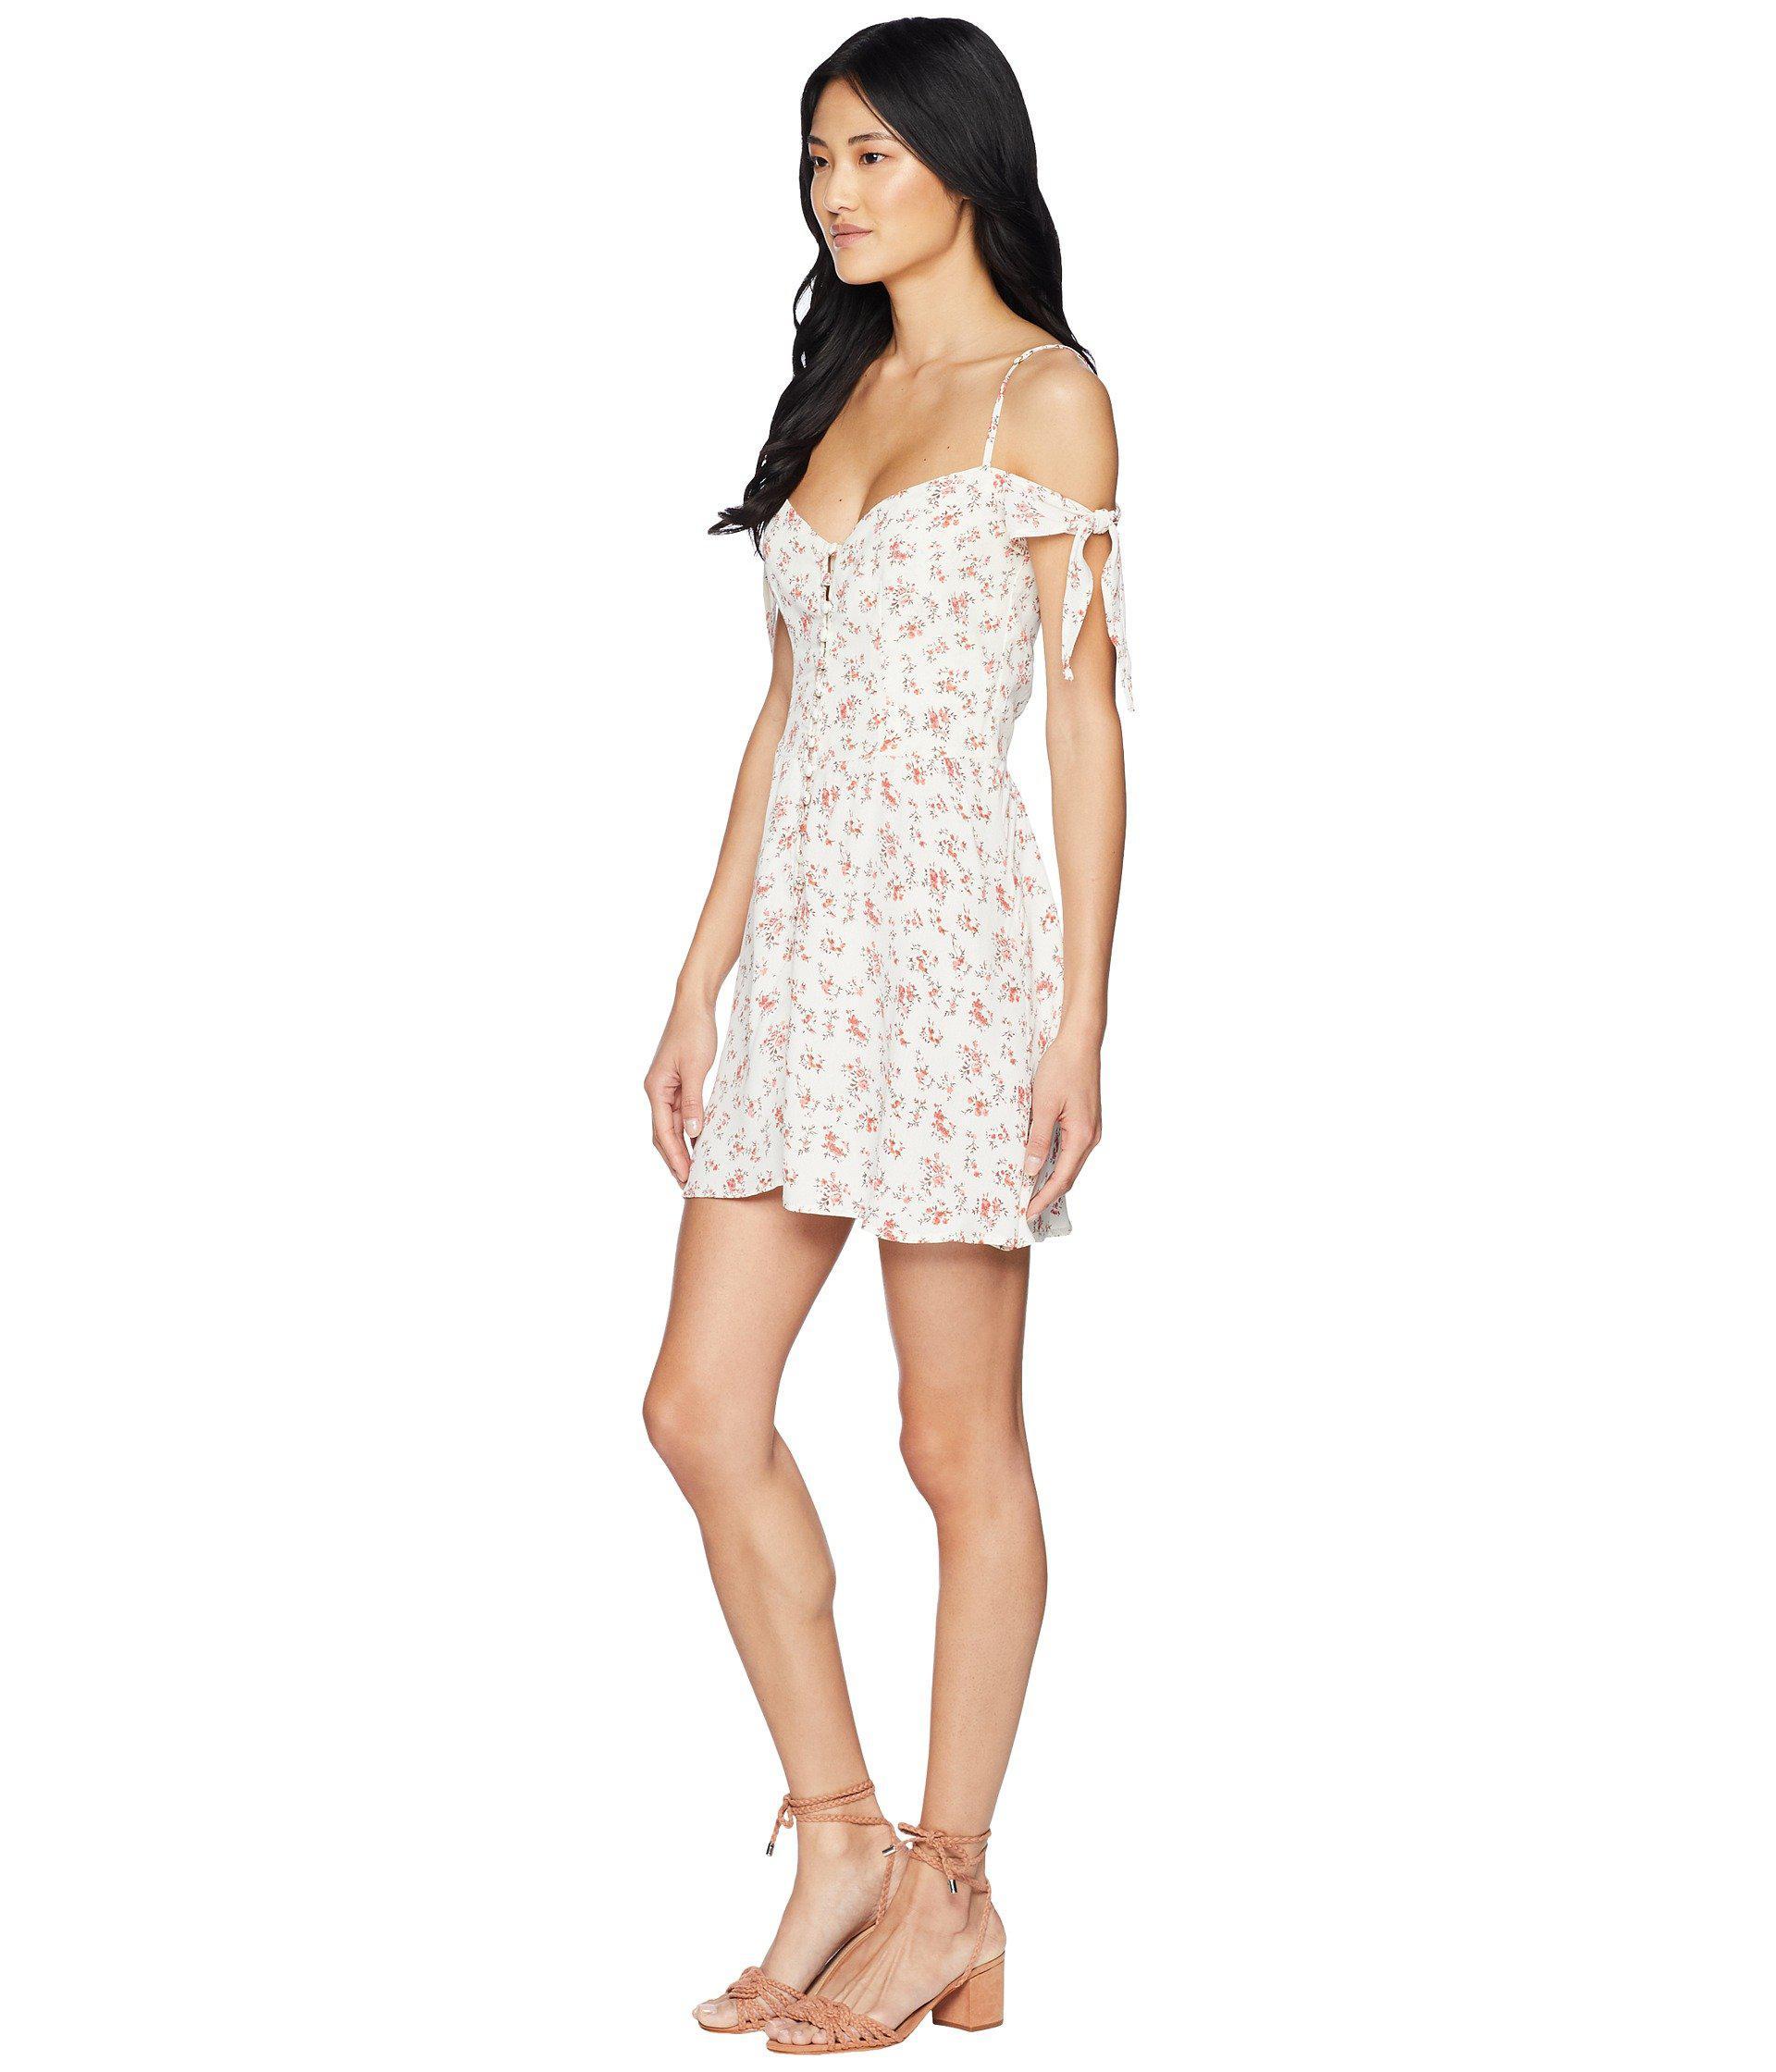 c2e3b12da2f7 Flynn Skye Bodhi Mini Dress in White - Lyst